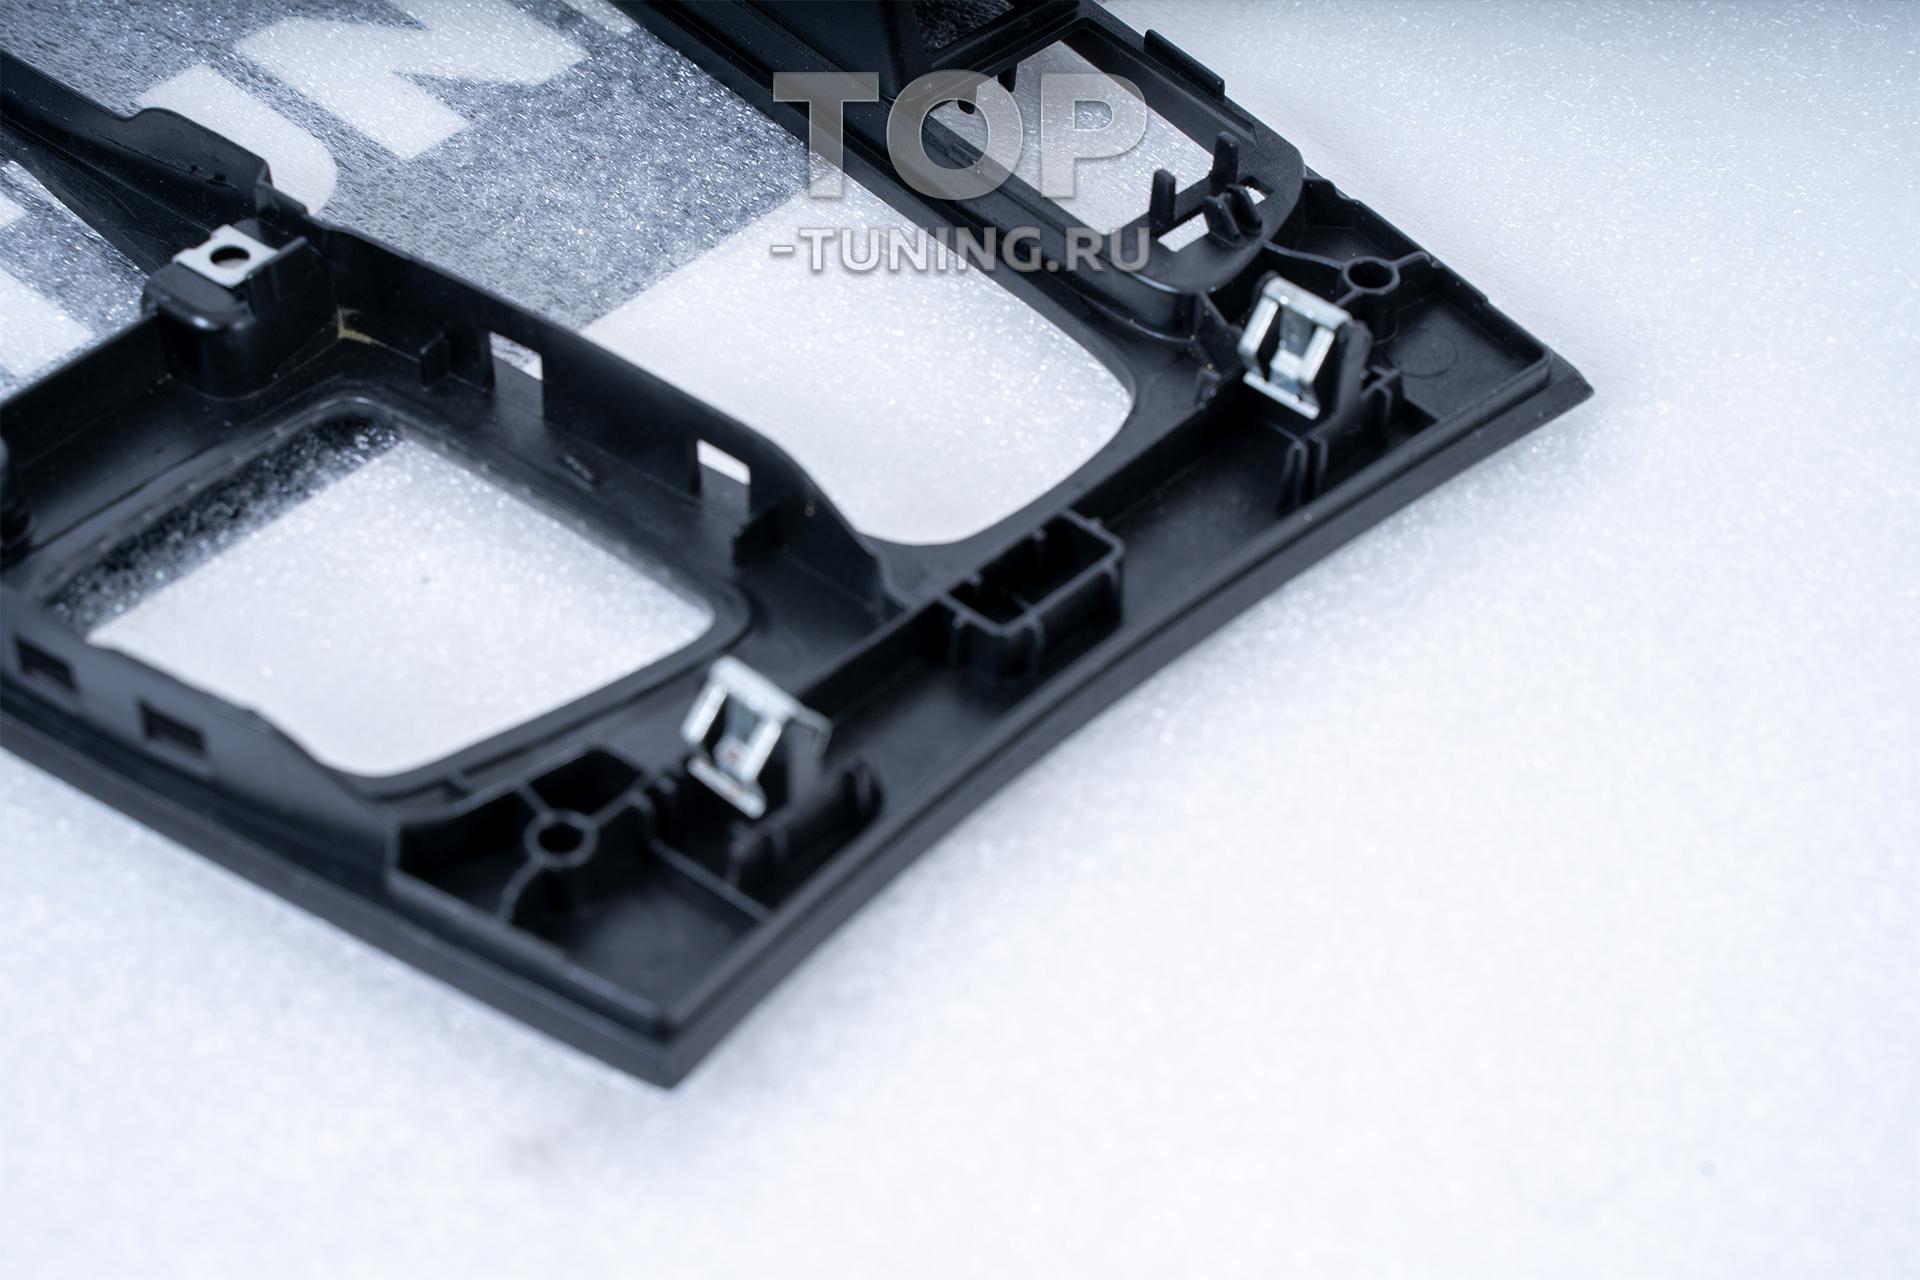 Оригинальные аксессуары для тюнинга салона BMW X5 F15 / X6 F16 / X5M F85 / X6M F86